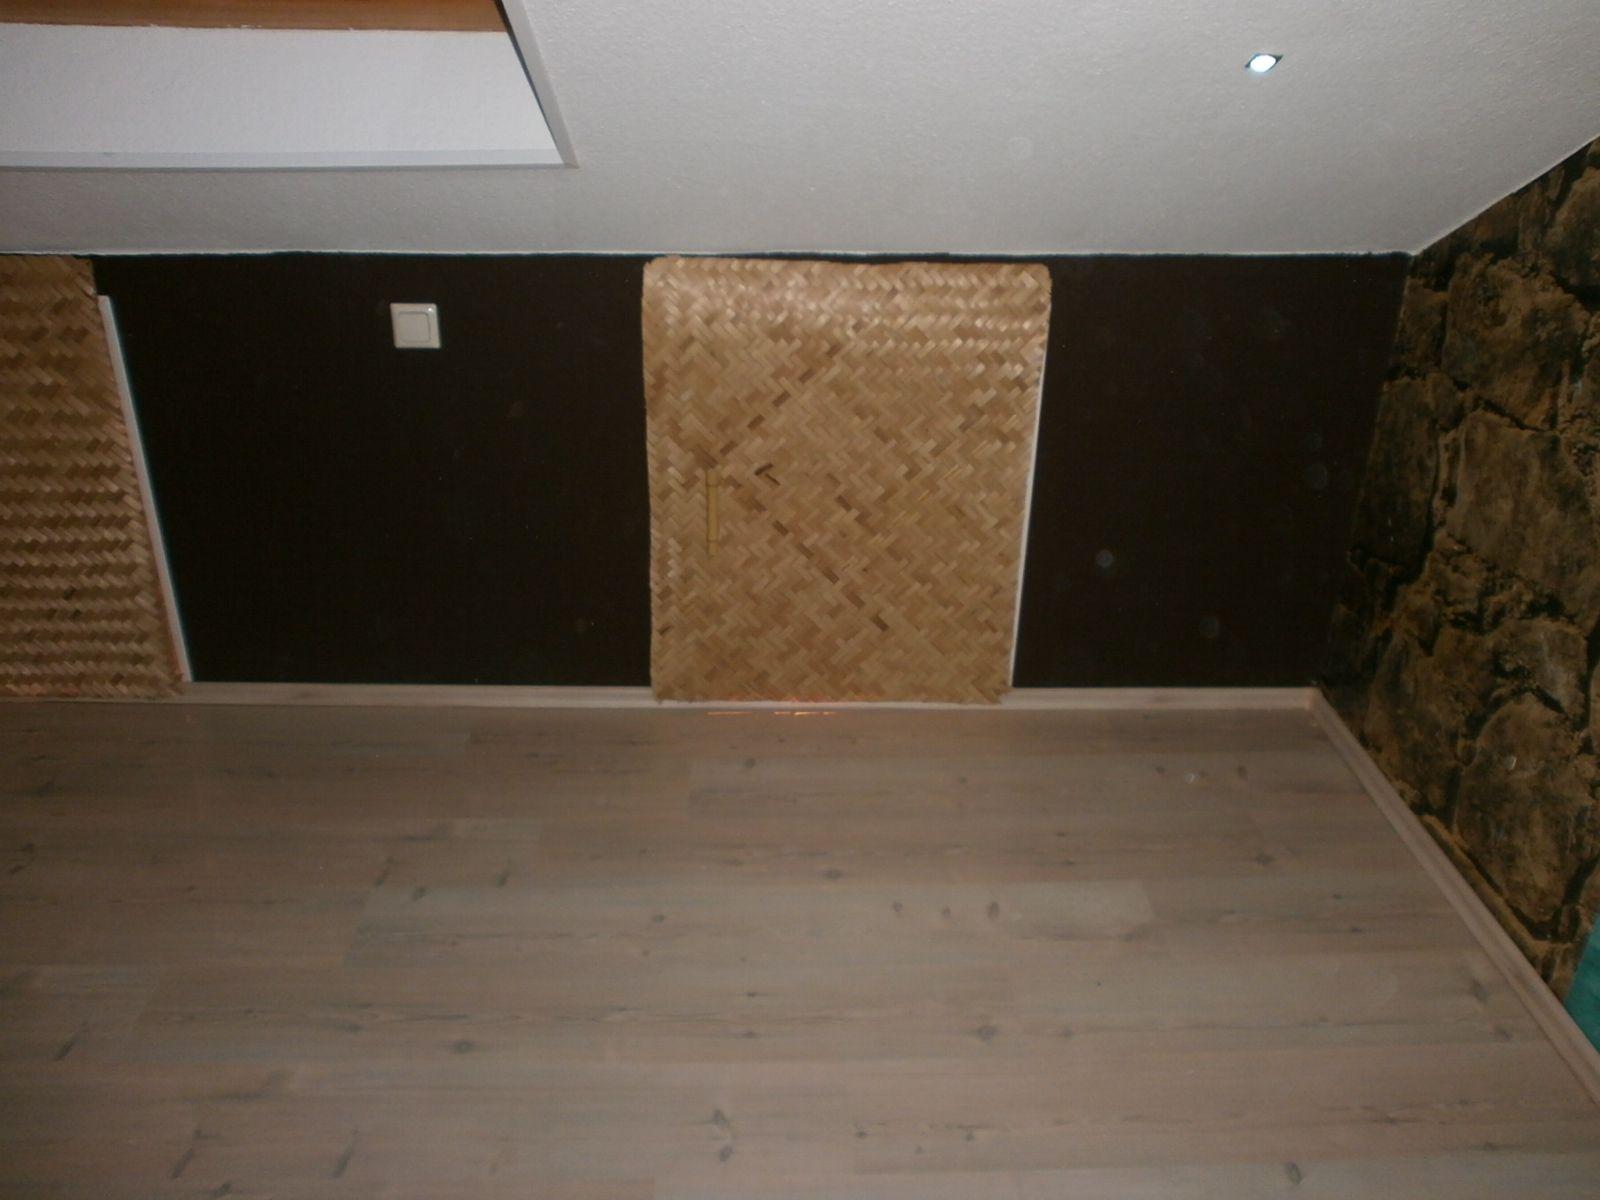 kniestock als stauraum t ren mit bambusmatten verkleidet t rgriffe aus bambusrohr gefertigt. Black Bedroom Furniture Sets. Home Design Ideas